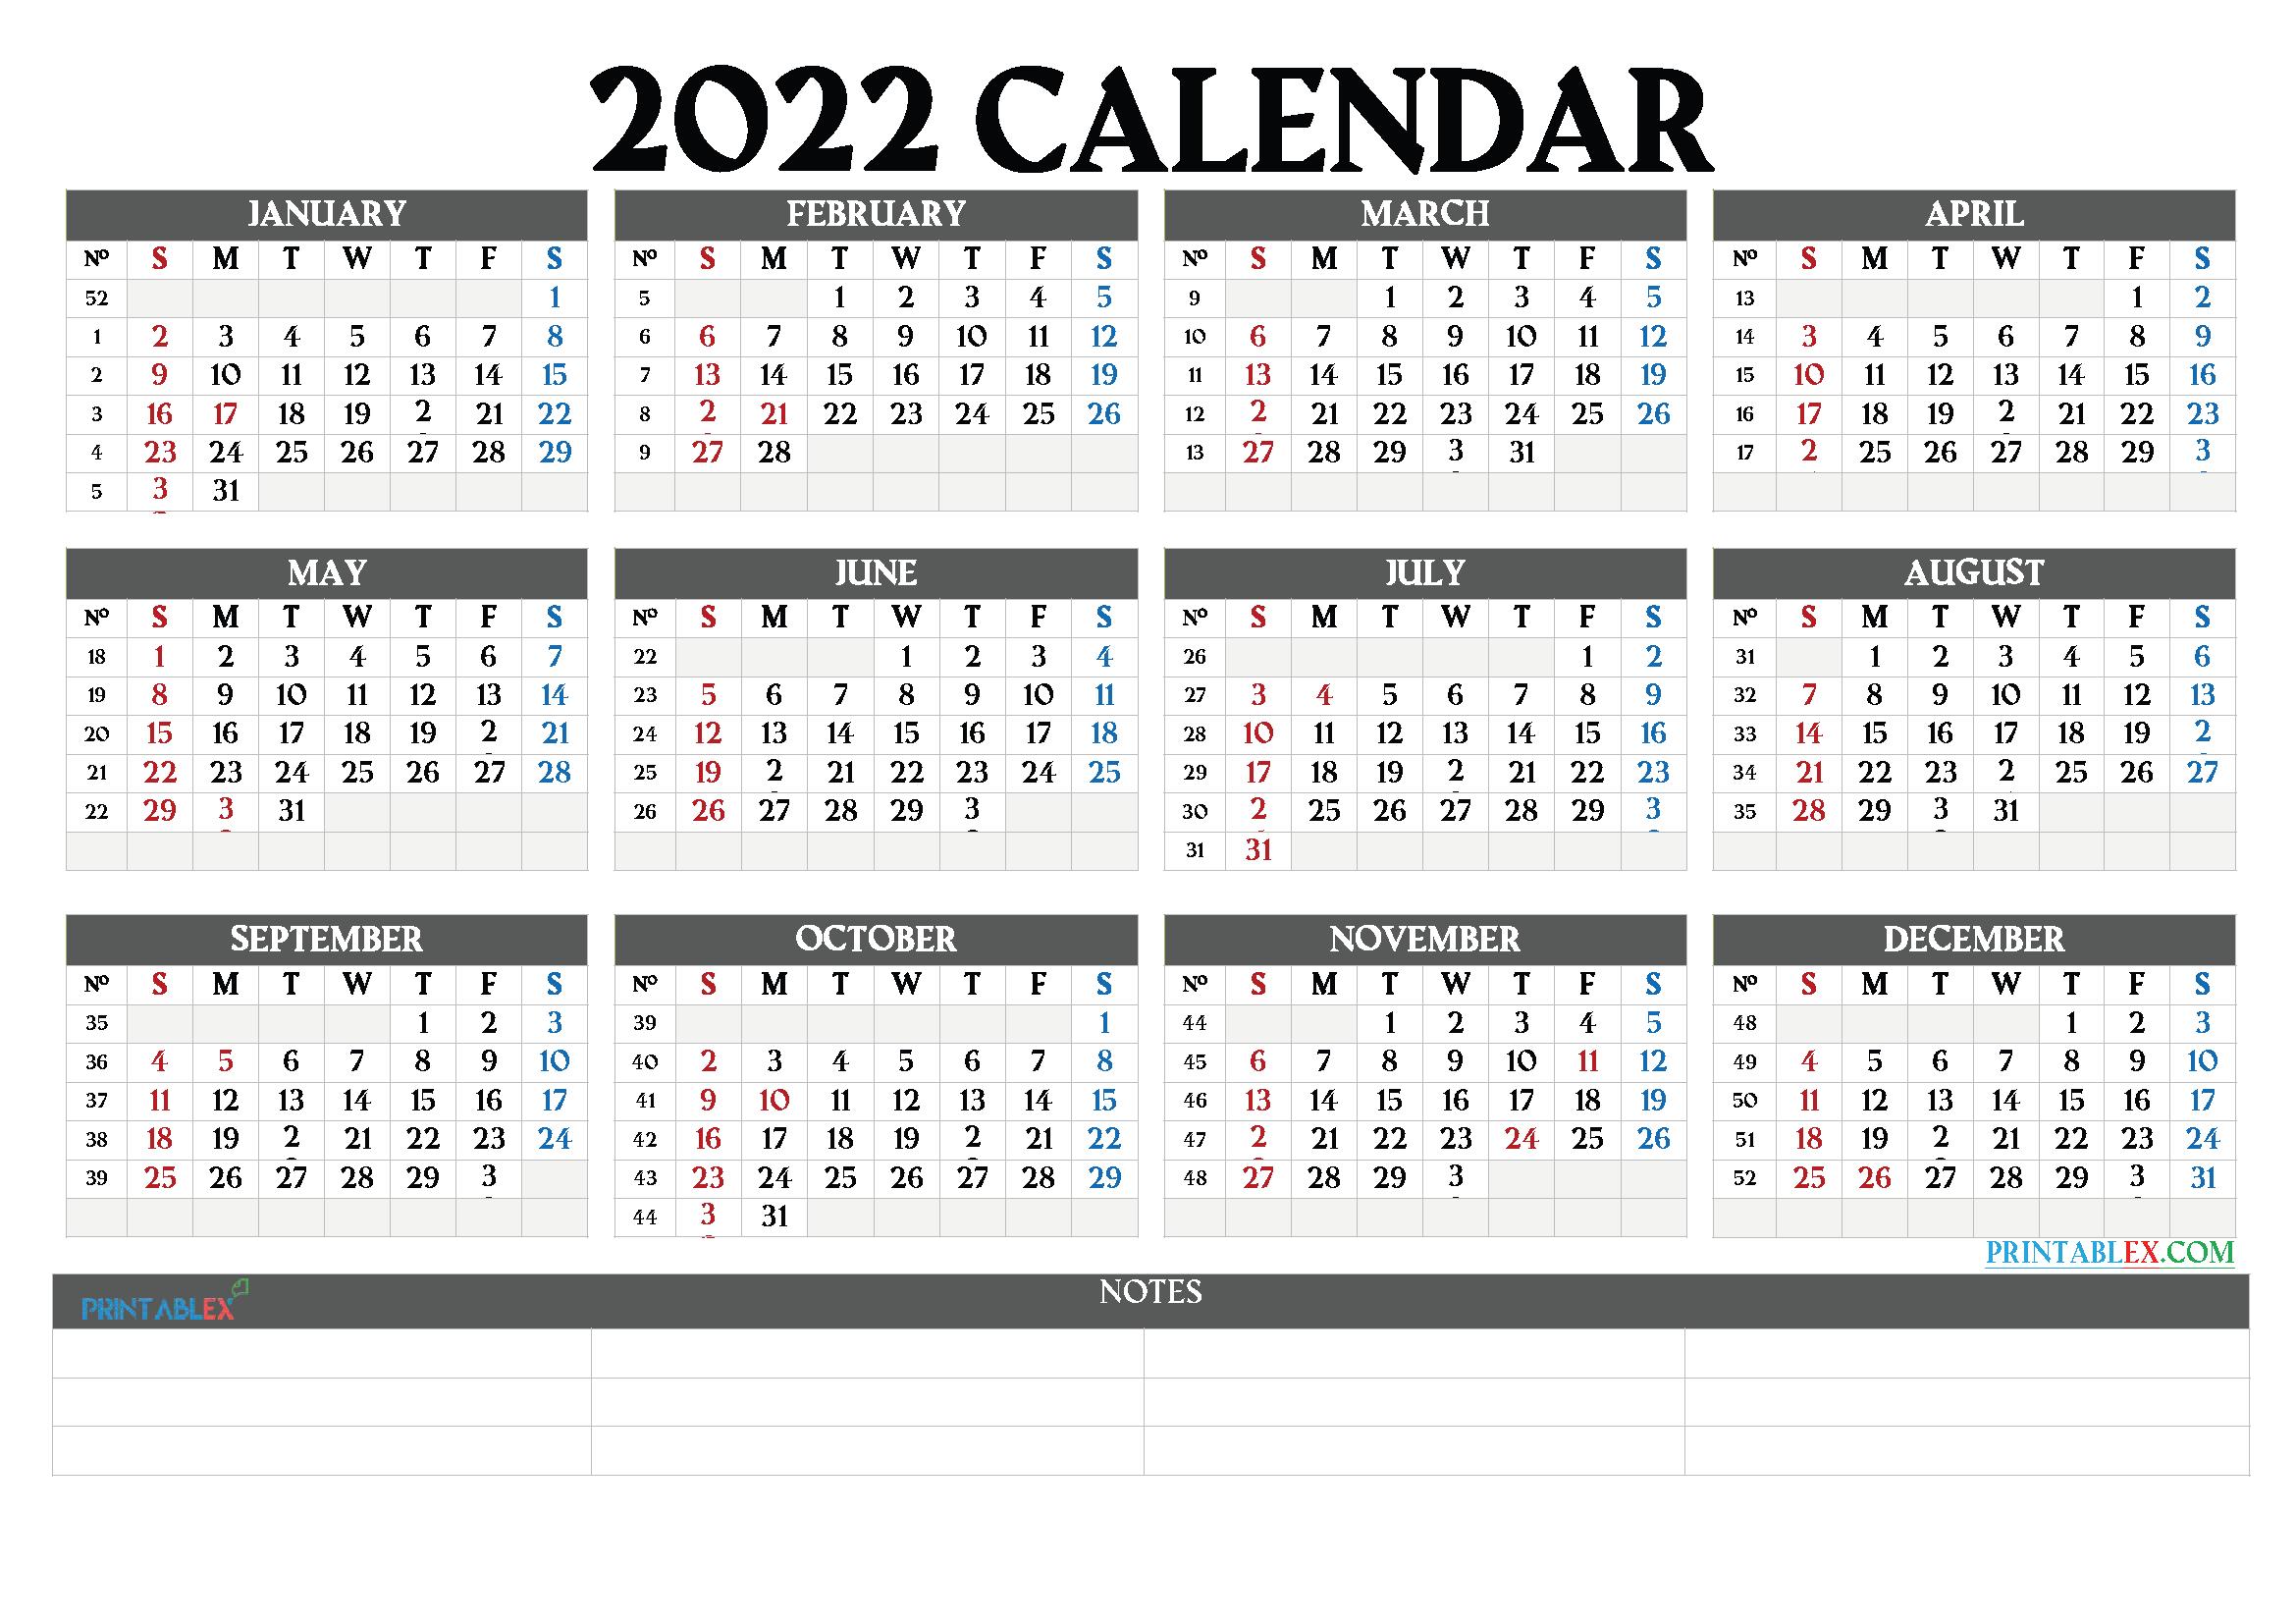 2022 Calendar By Week.Printable 2022 Yearly Calendar With Week Numbers 2021 Free Printable